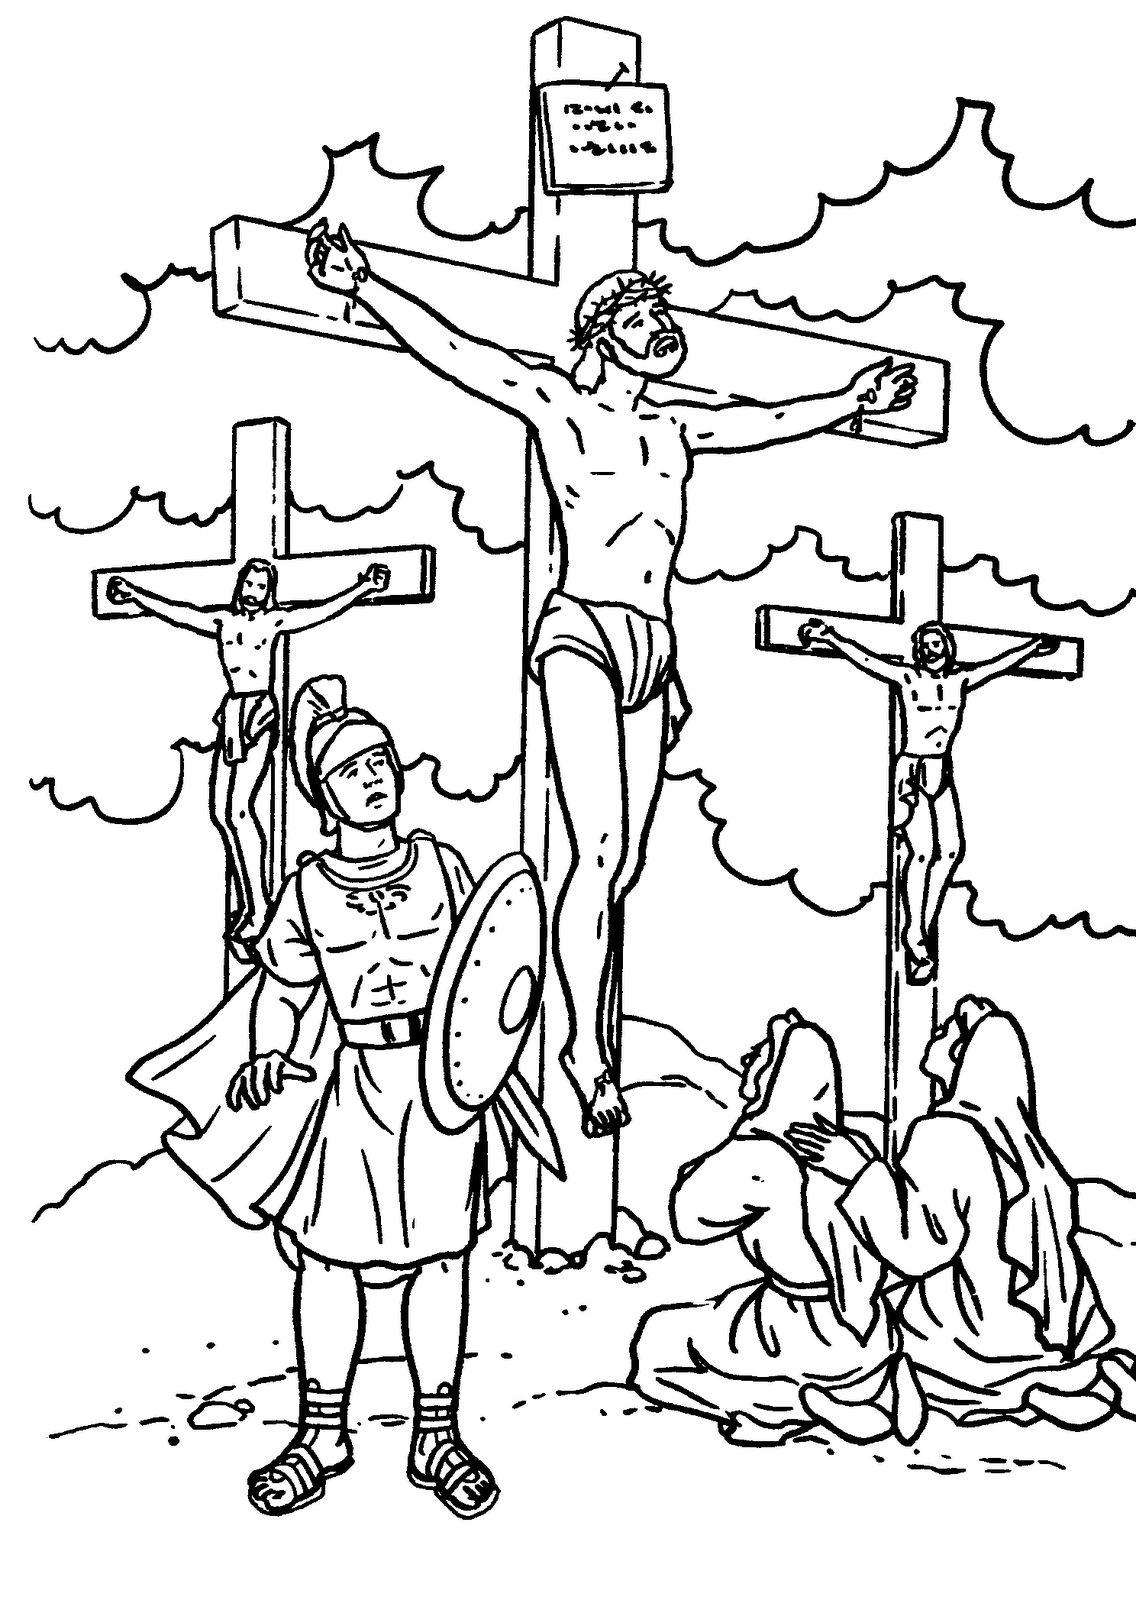 40 Dibujos De Jesus Hermosos Para Ninos Te Encantaran Sobre Jesus En La Cruz Para Colorear Jesus Coloring Pages Cross Coloring Page Bible Coloring Pages